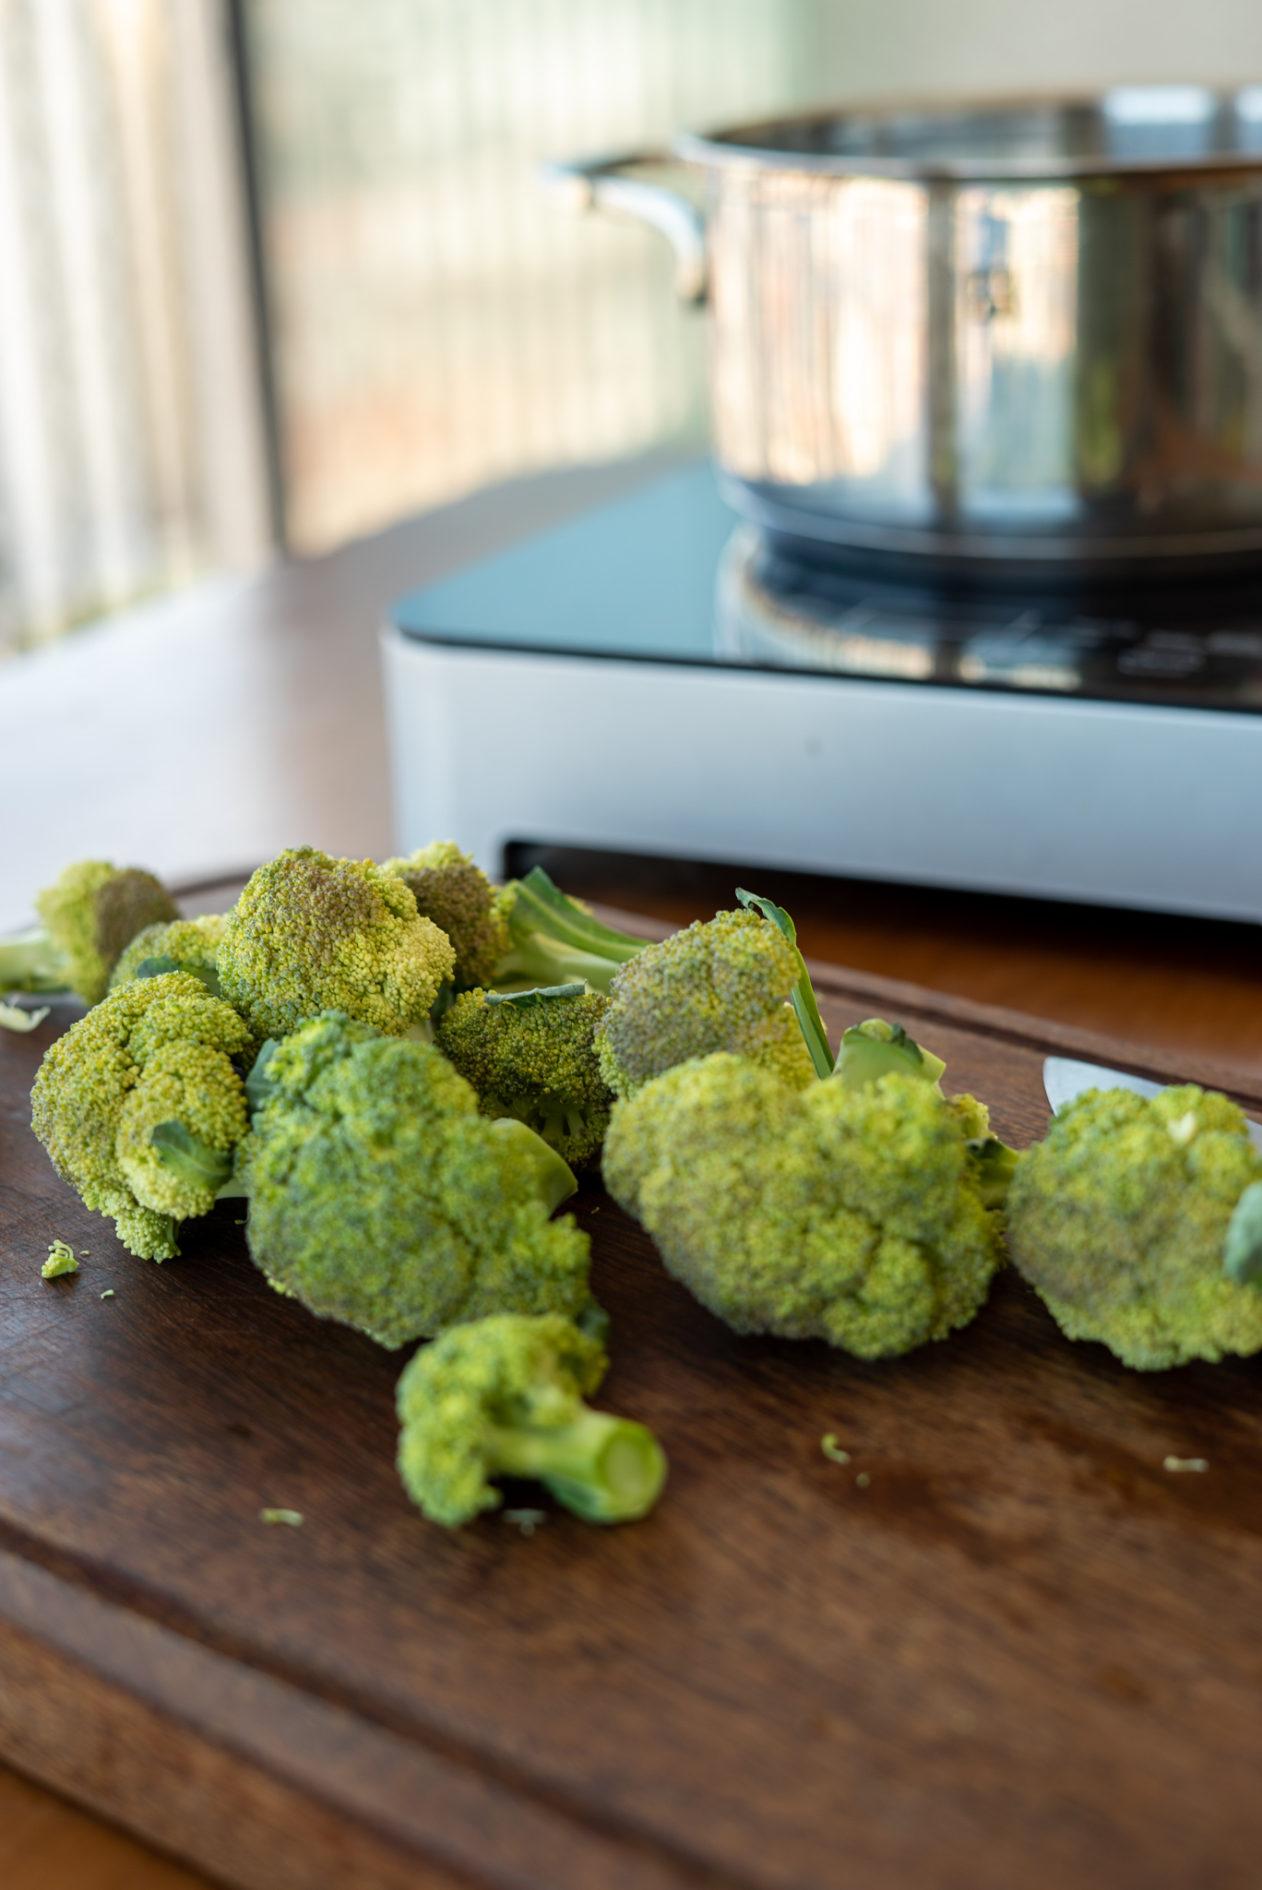 como congelar o brocolis em casa